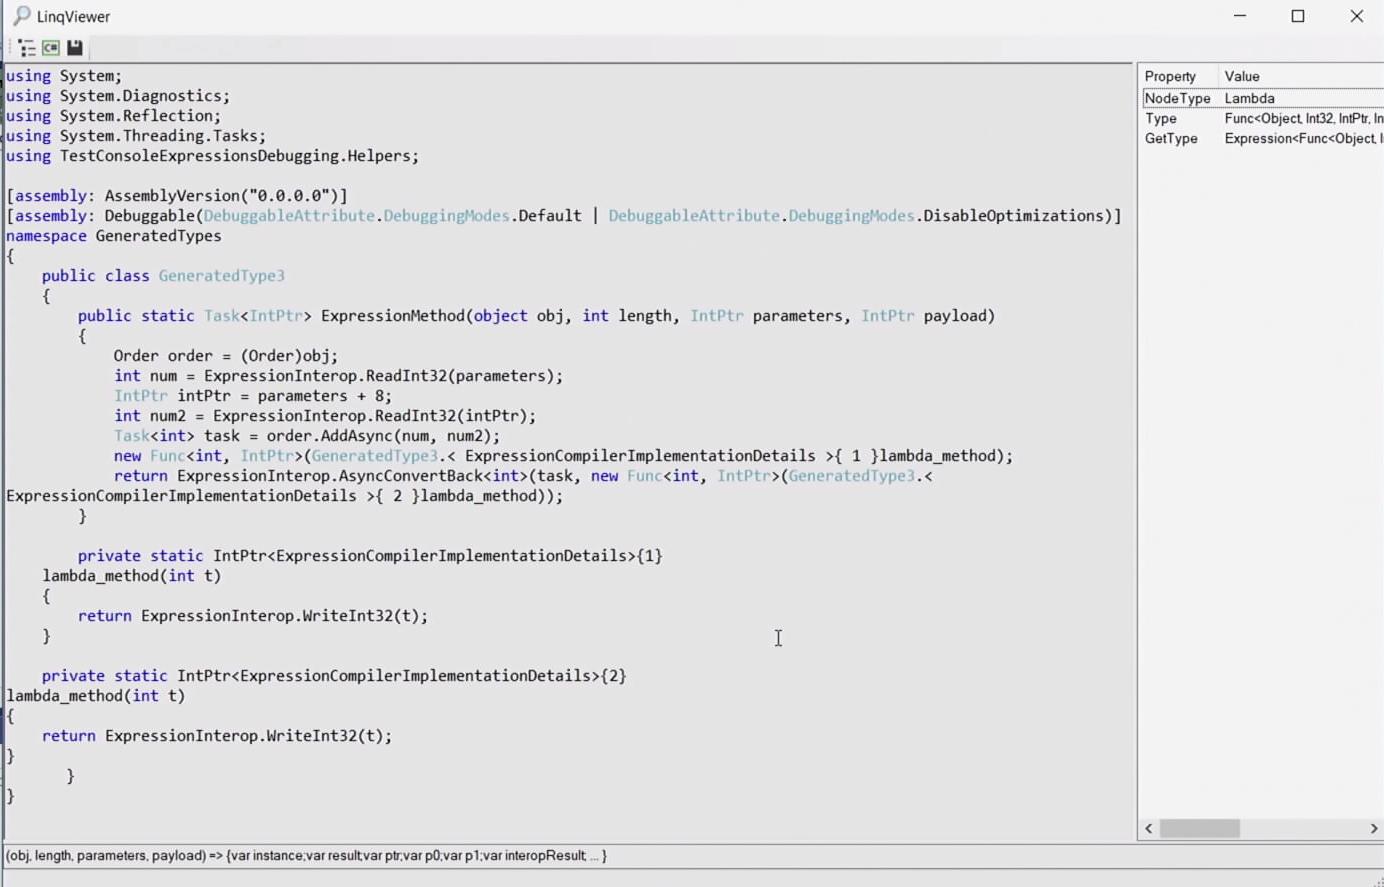 Генерация кода во время работы приложения: реальные примеры и техники - 27